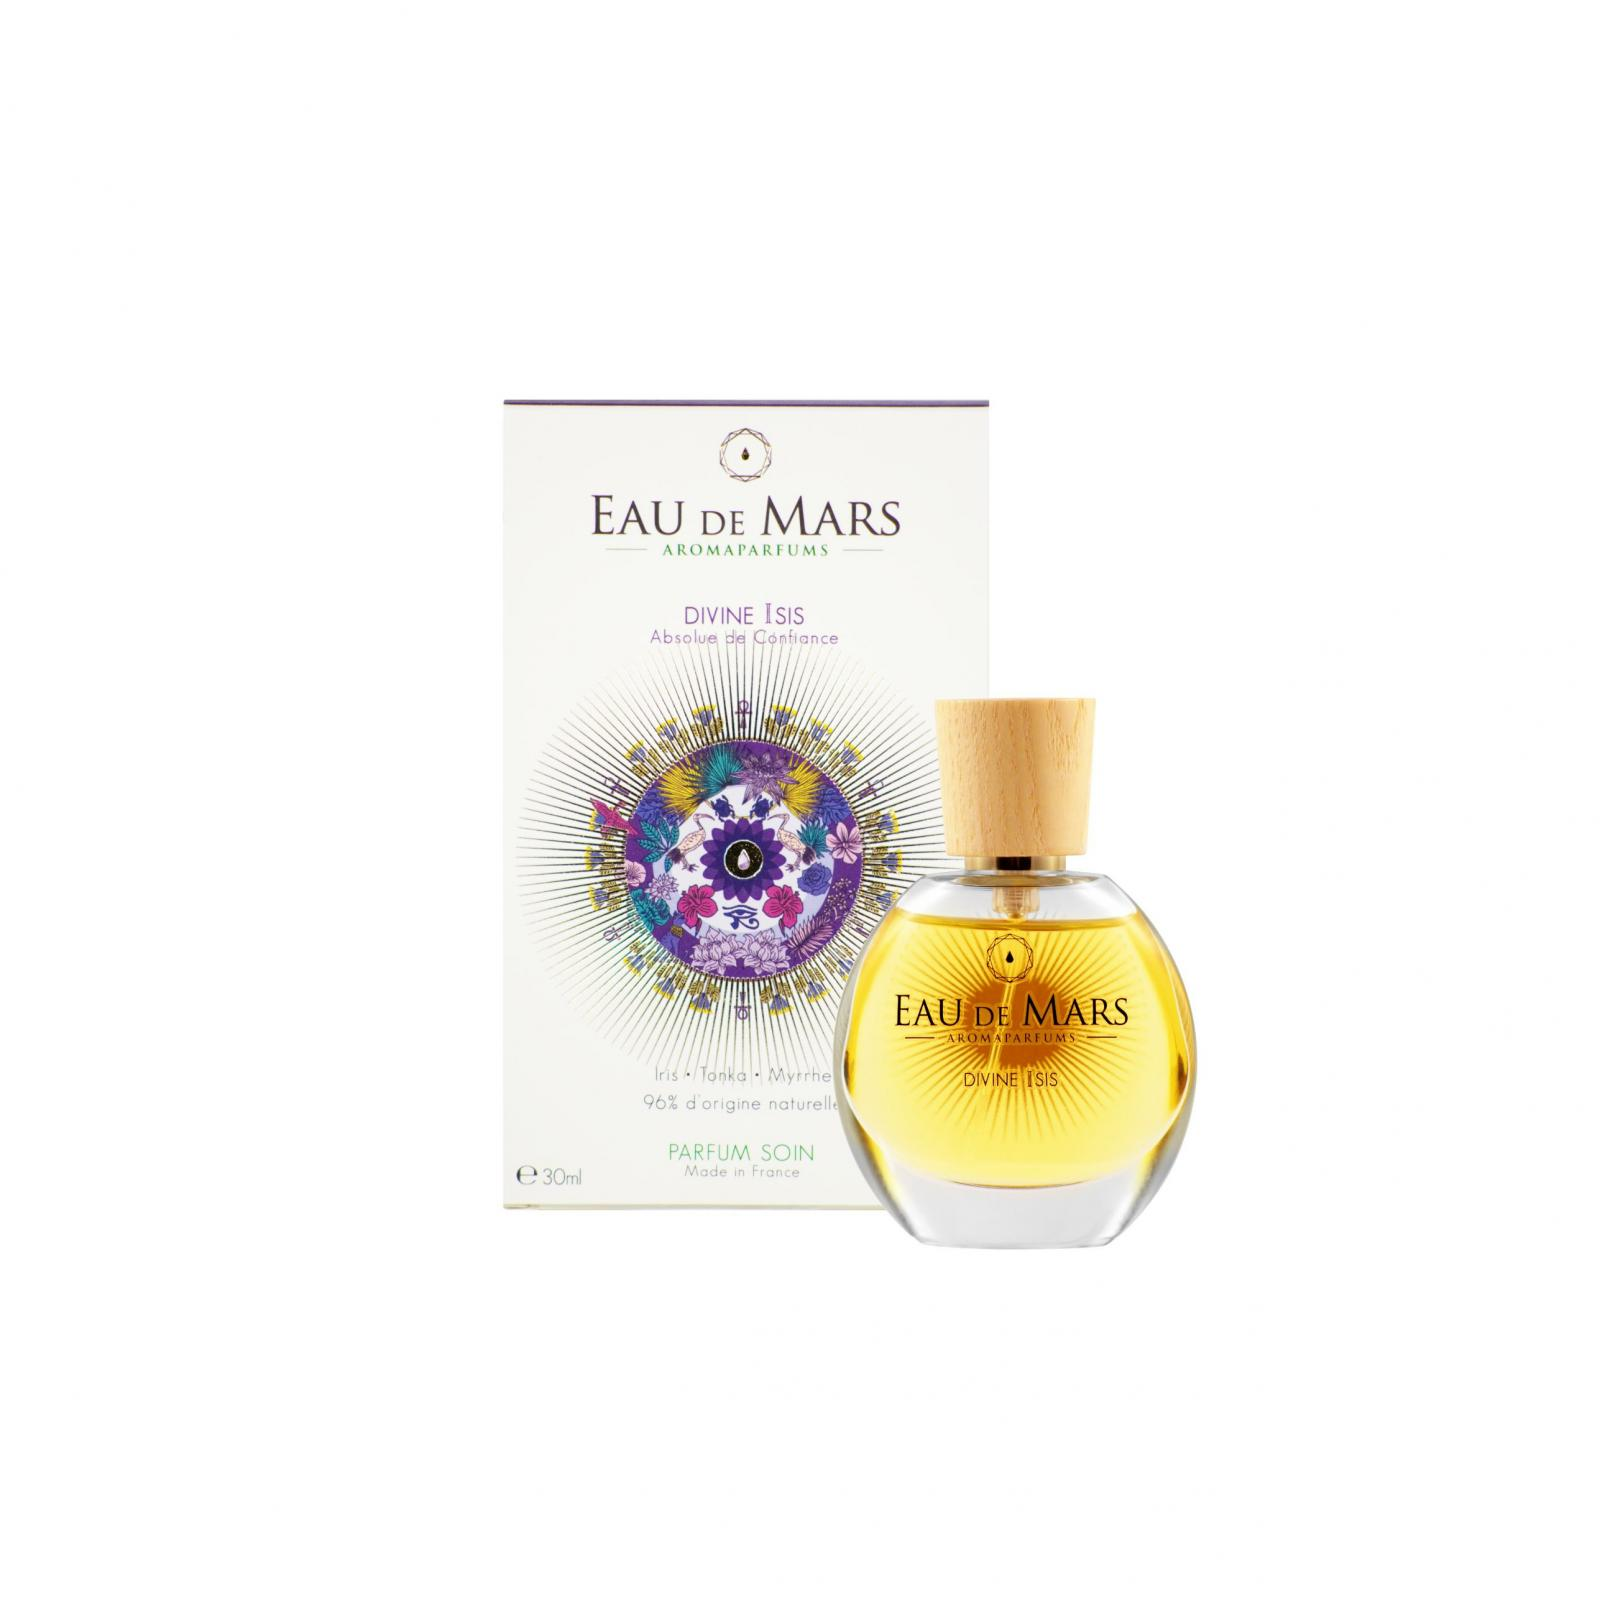 Maison de Mars Parfémová voda, Divine Isis 30 ml